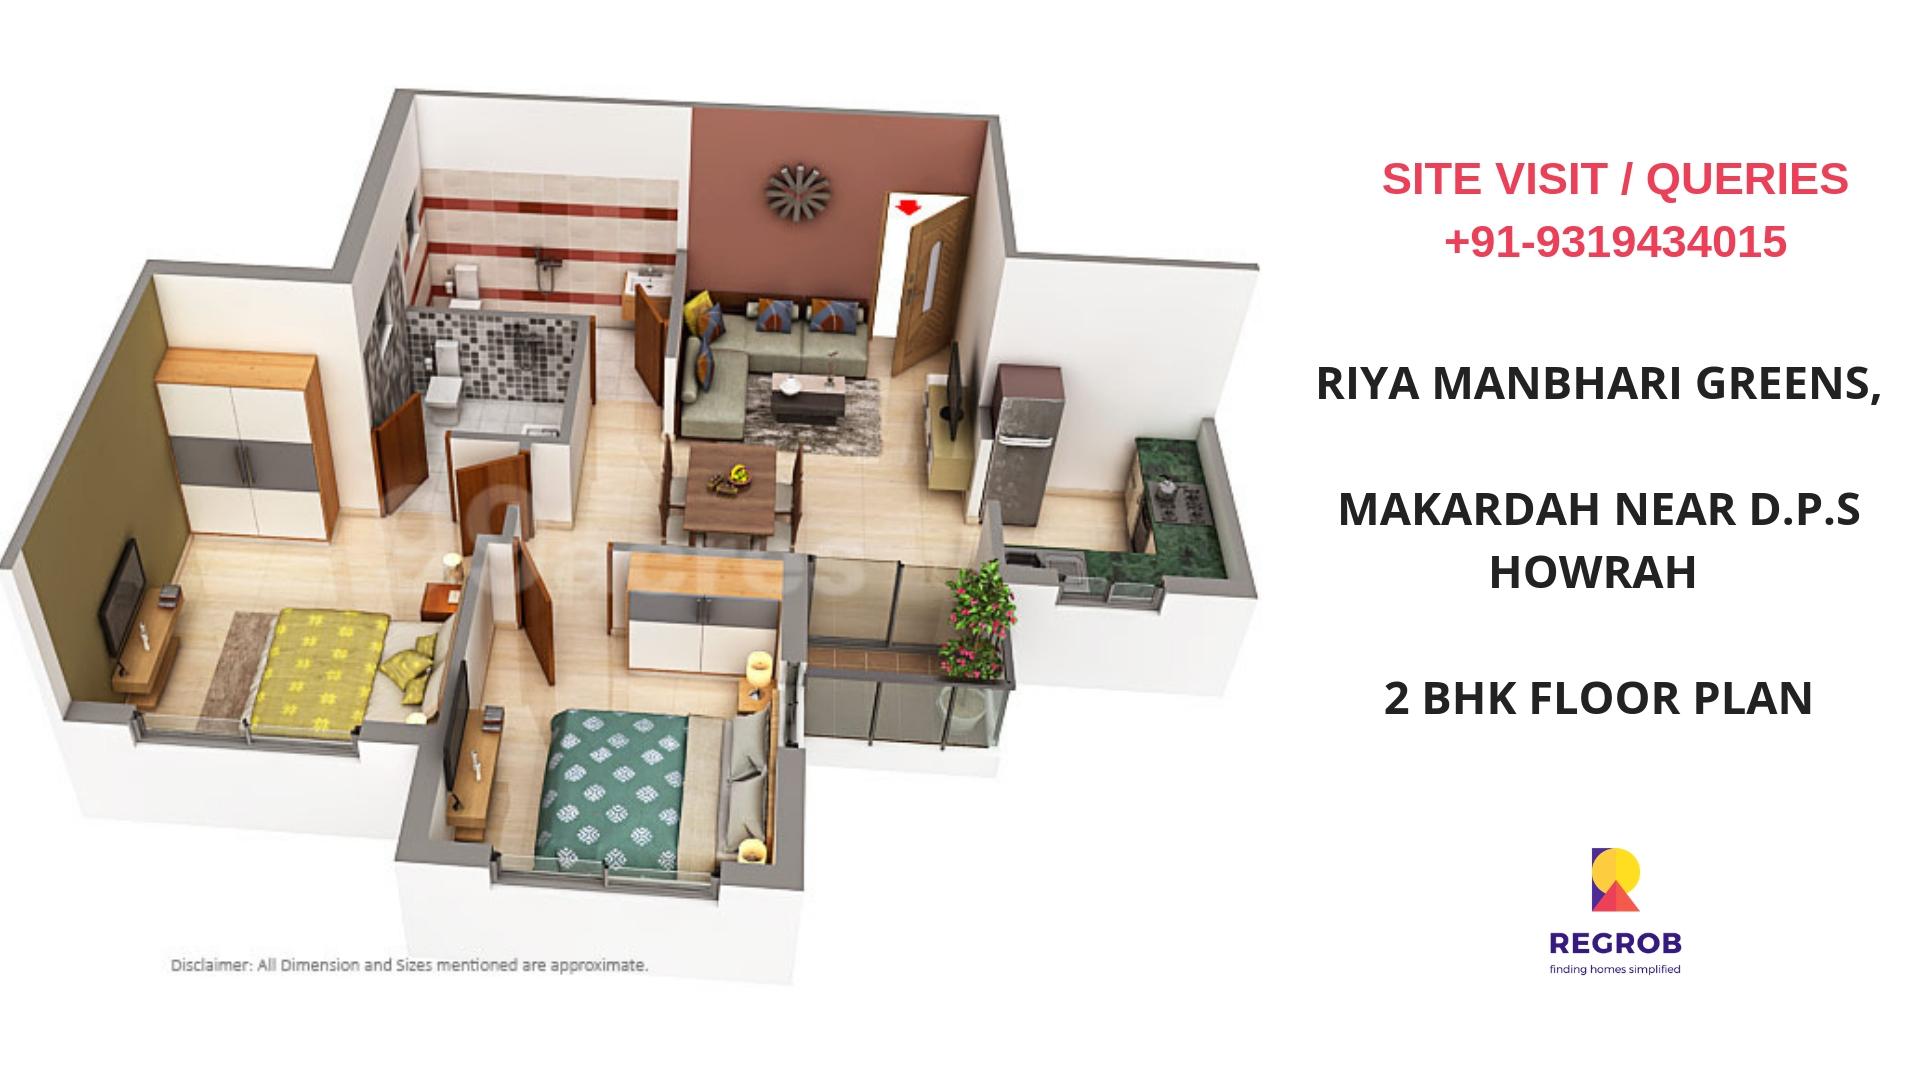 Riya Manbhari Greens Howrah